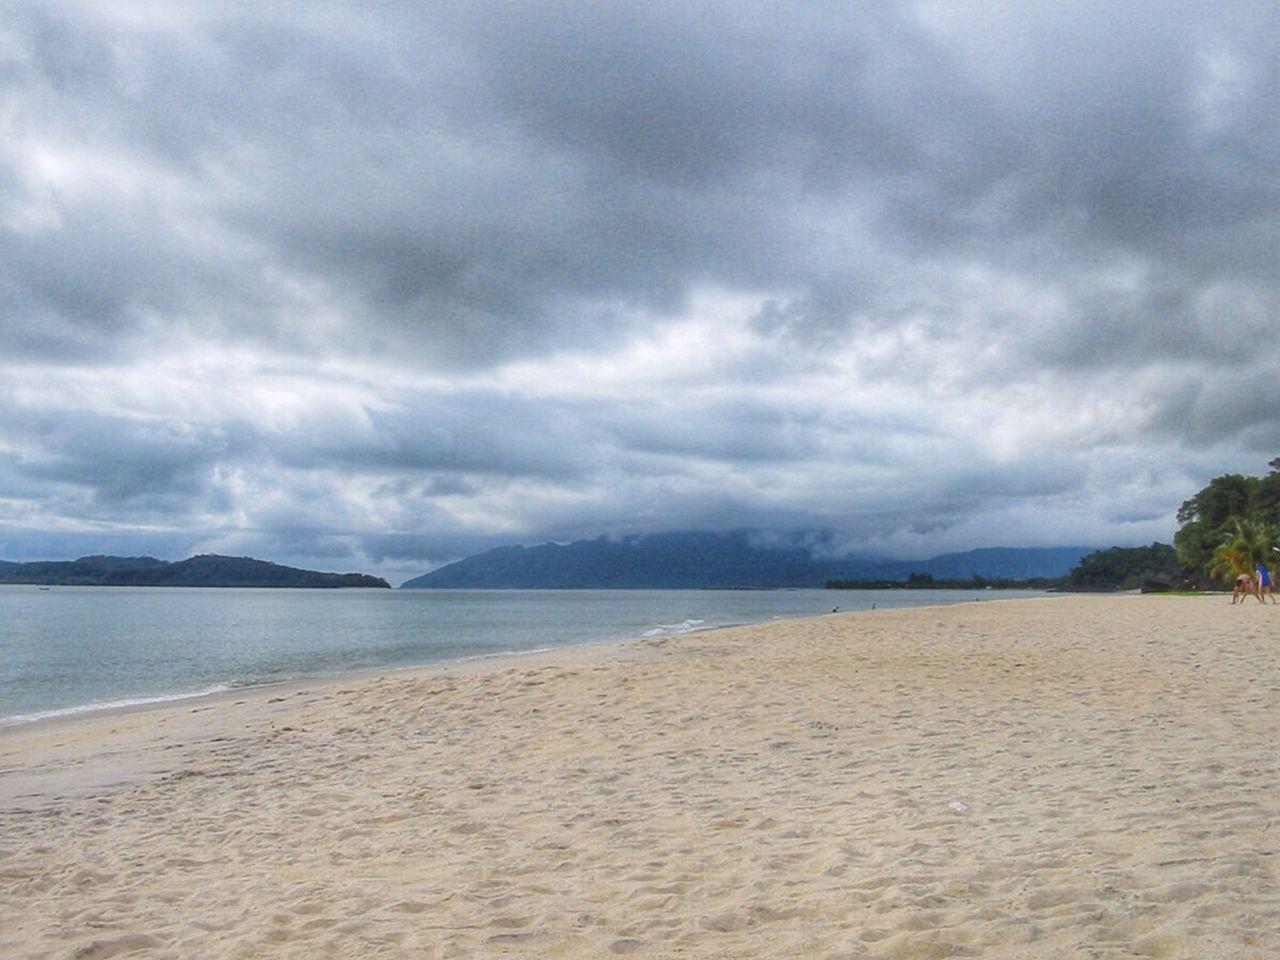 Sand Beach On Cloudy Day